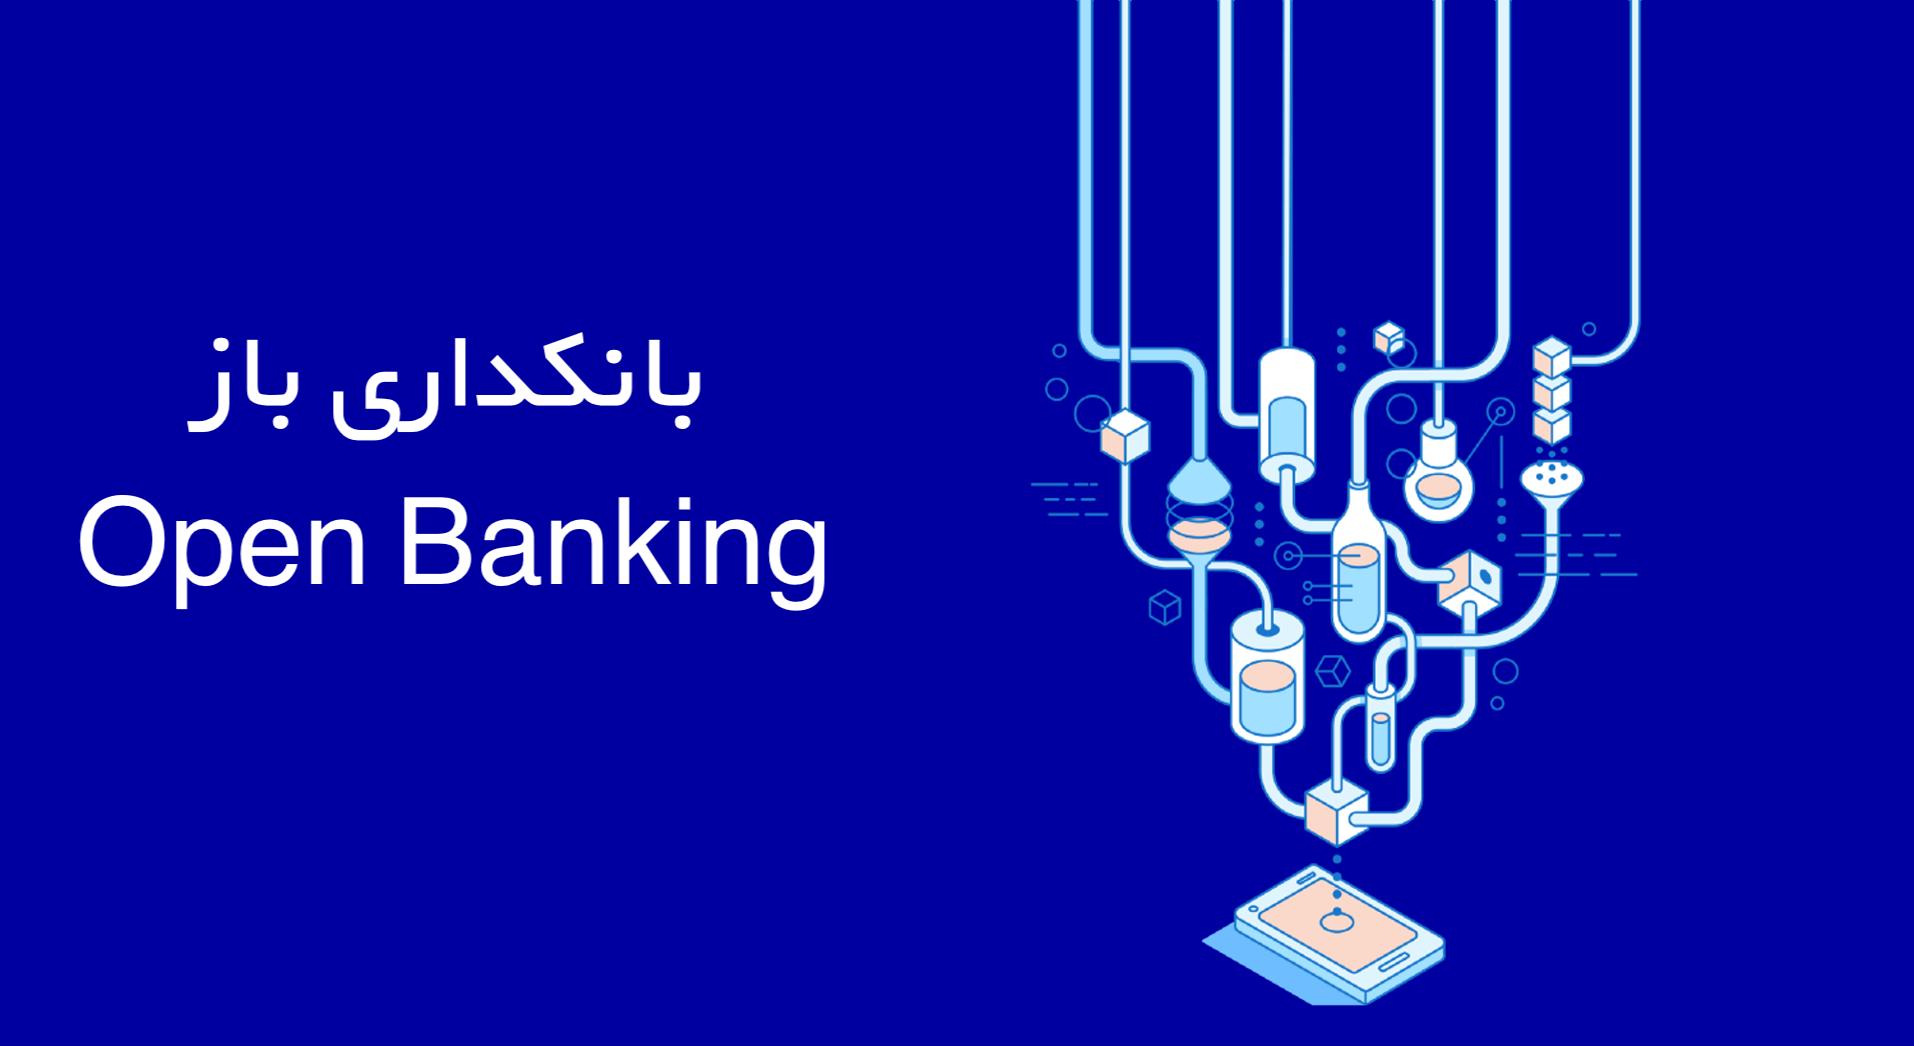 بانکداری باز چیست و چه اهمیتی در آینده بانکداری دارد؟